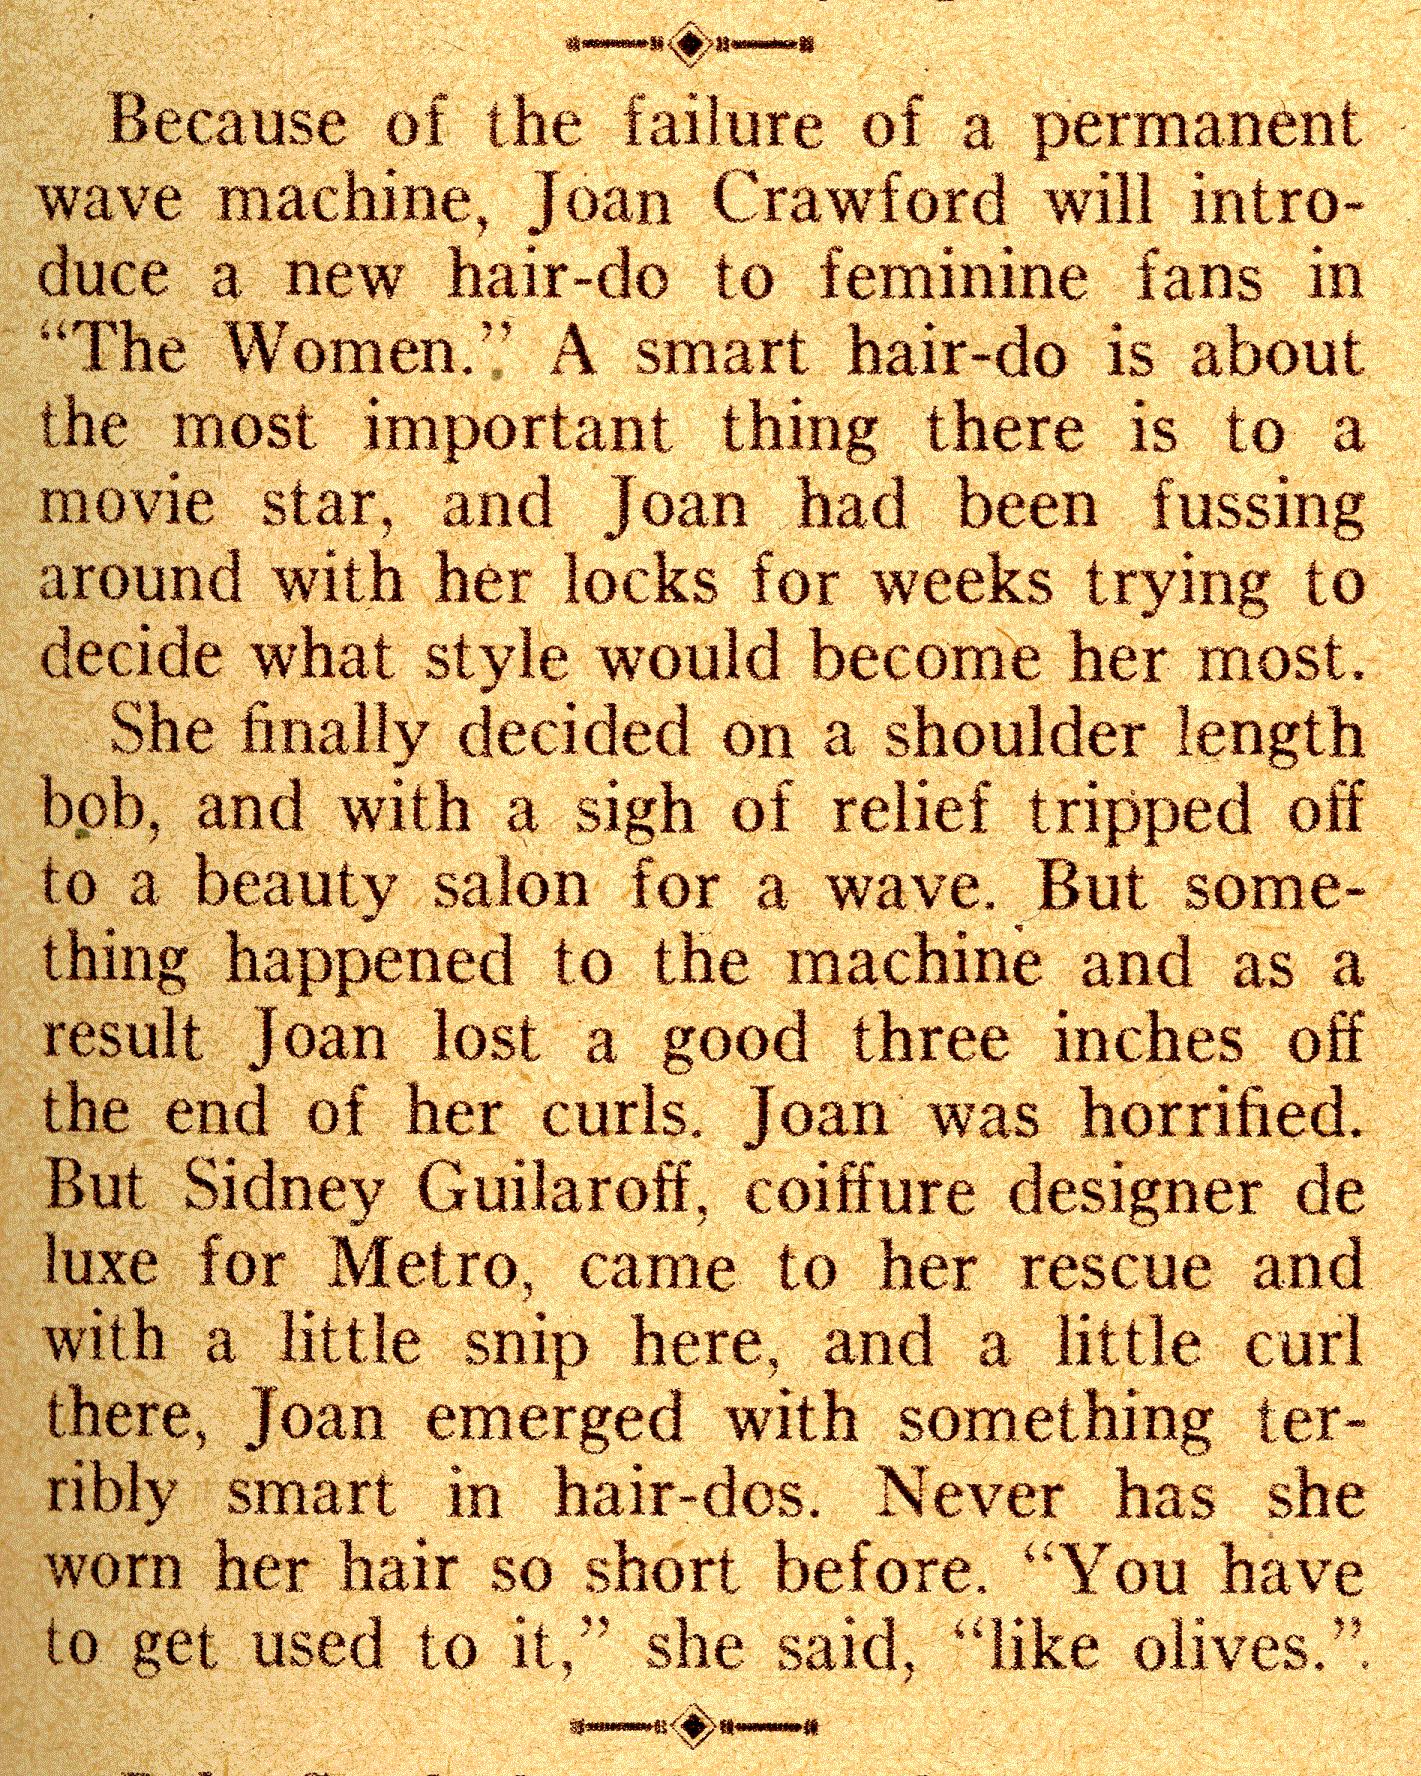 Sandy Andolong (b. 1959),Stacy-Ann Gooden Sex fotos Kajol,Norman Rossington (1928?999)